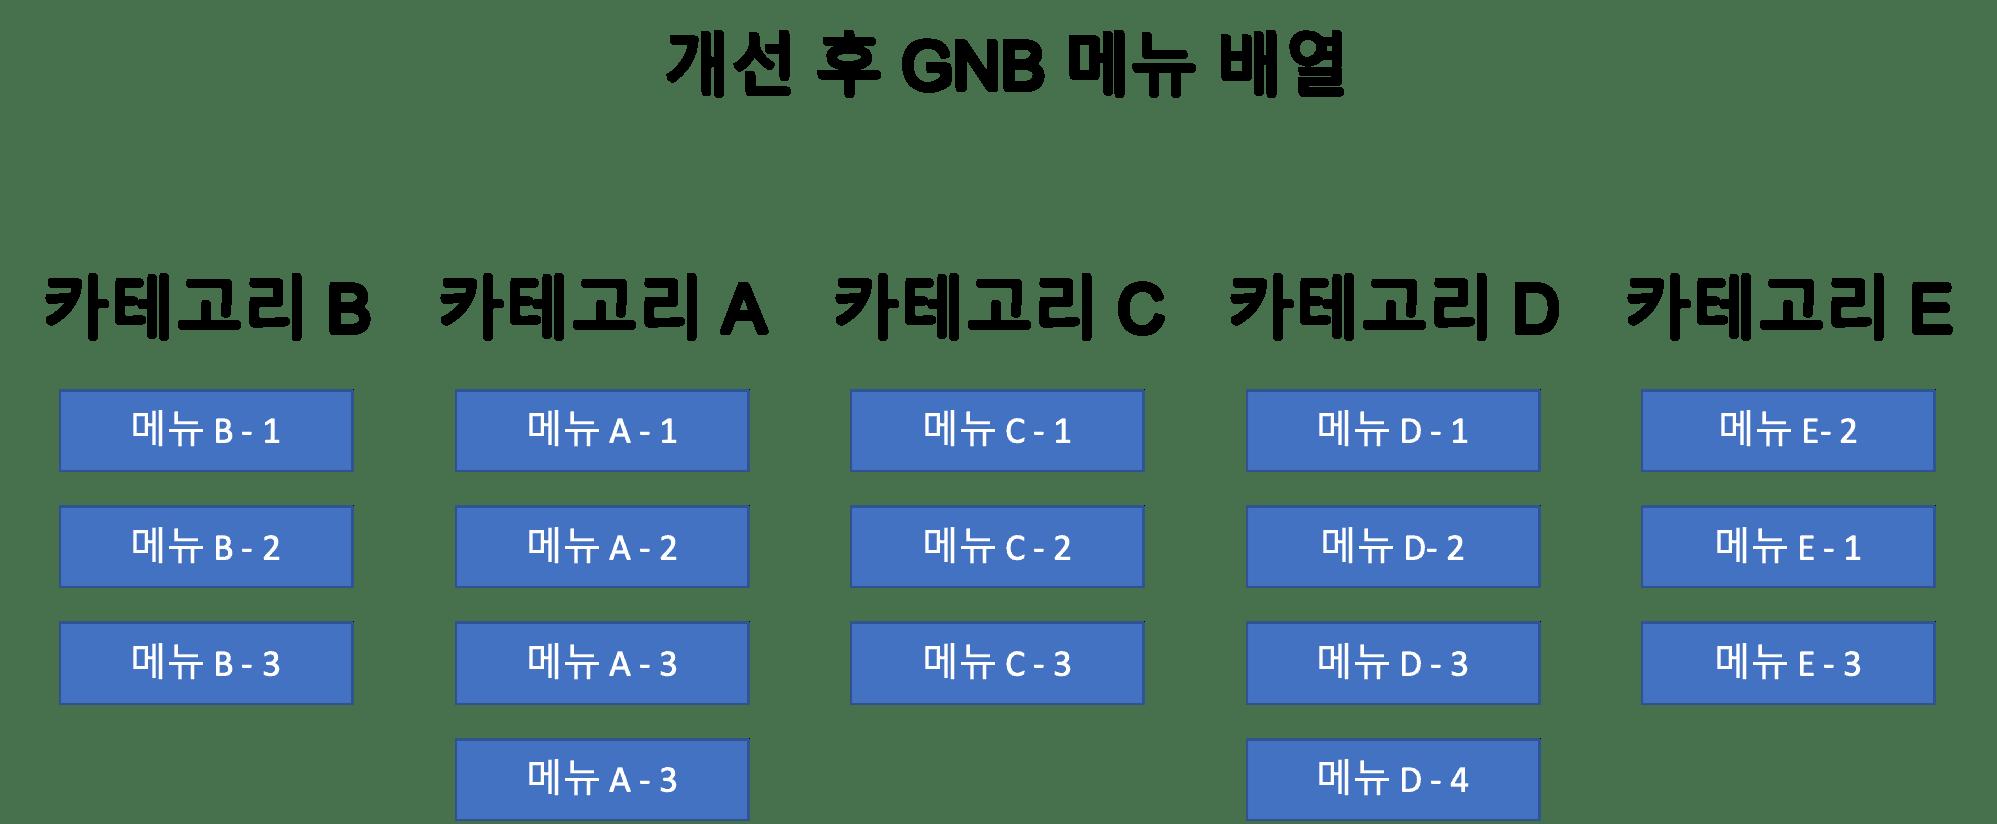 GNB 메뉴 개선 후